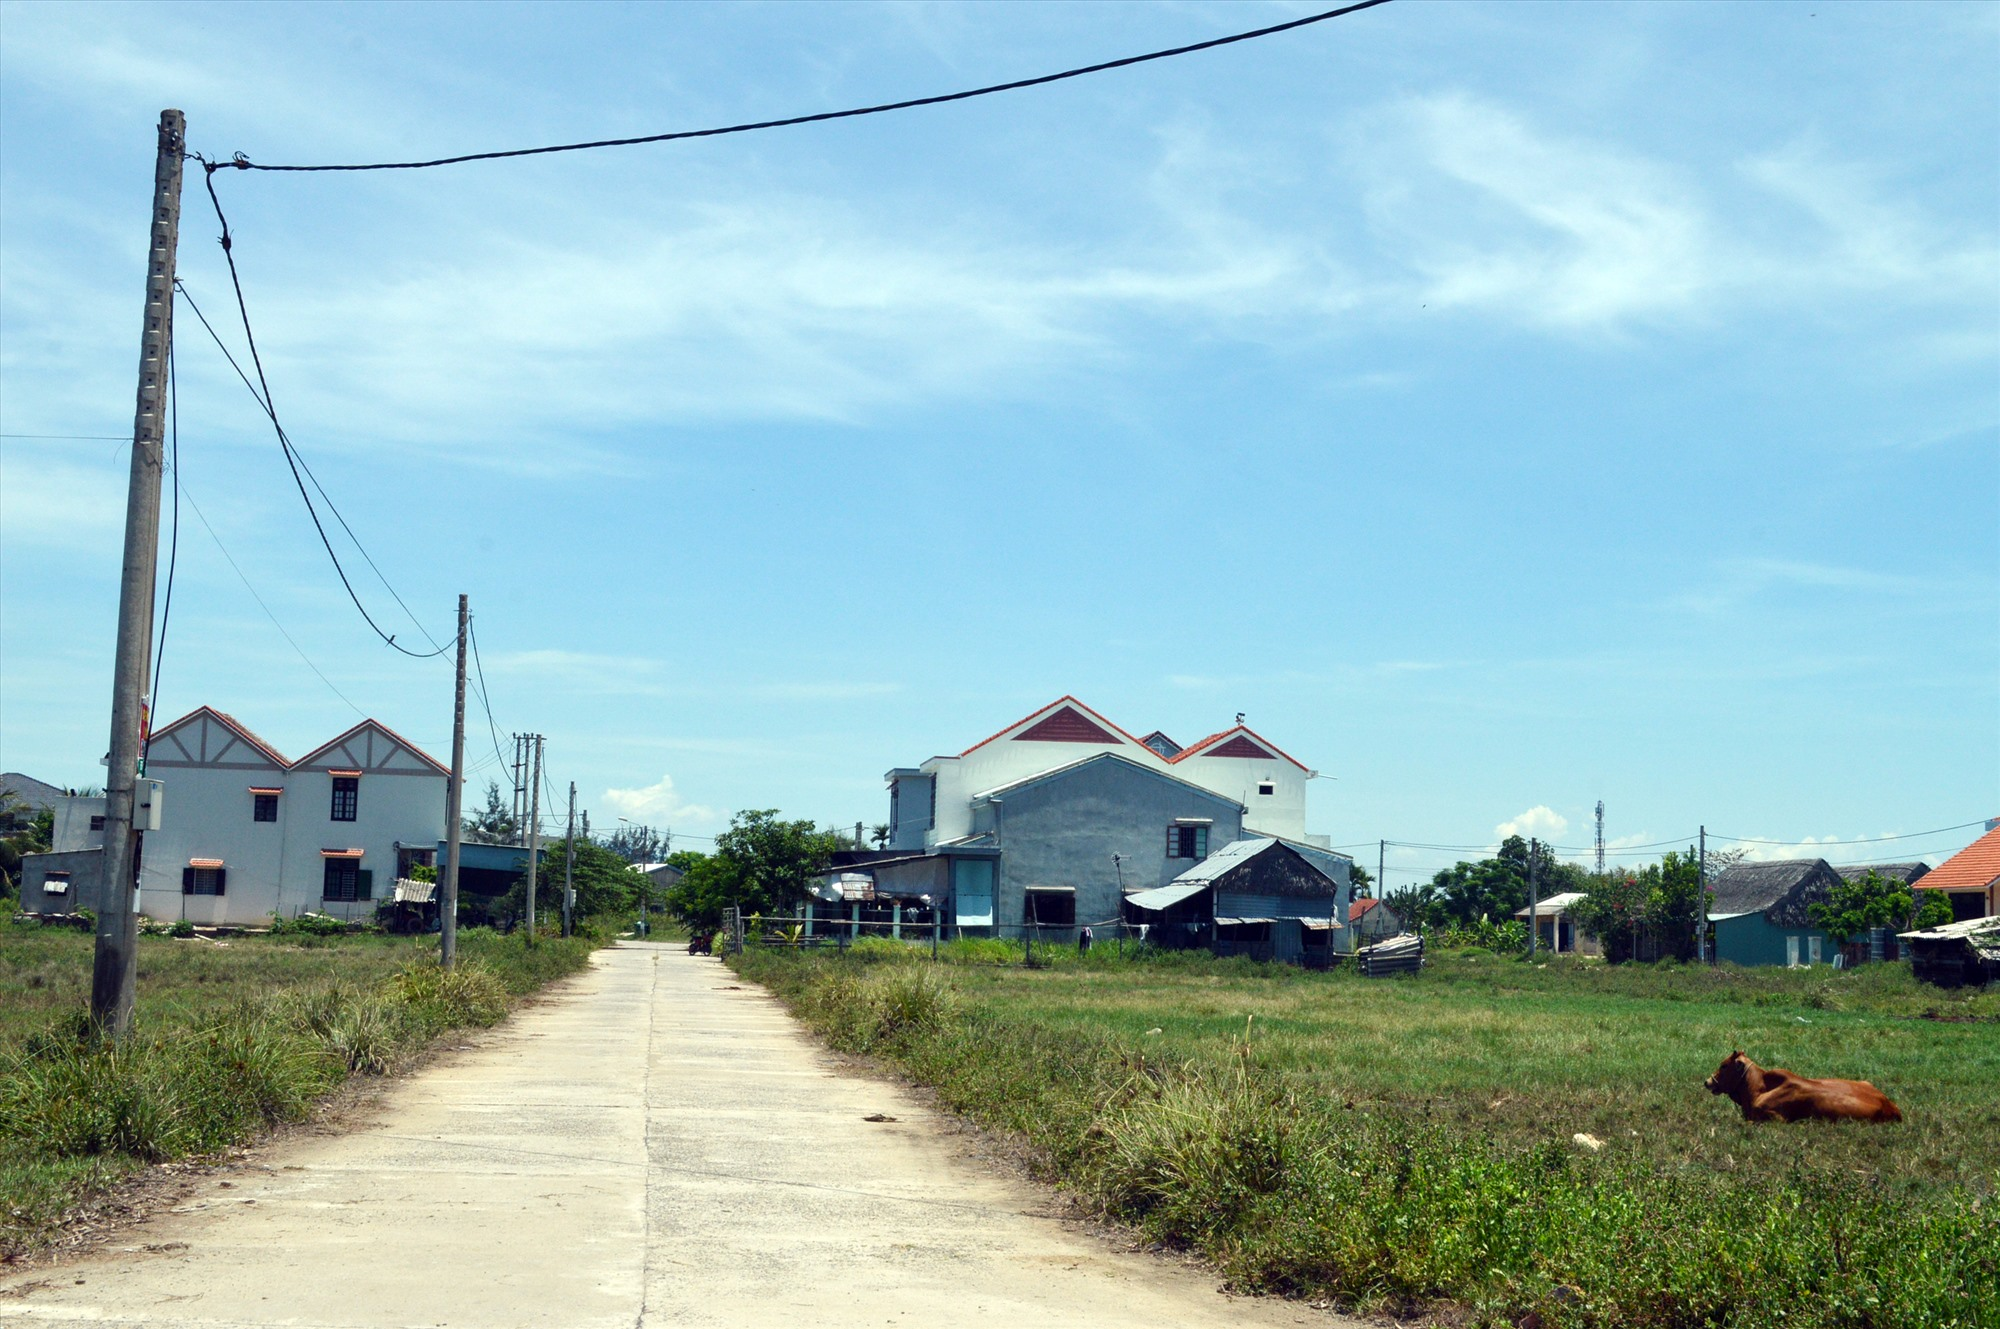 Ông Trương Măng không đủ điểu kiện để được bố trí đất không qua đấu giá tại khu tái định cư Biền Lăng. Ảnh: G.K